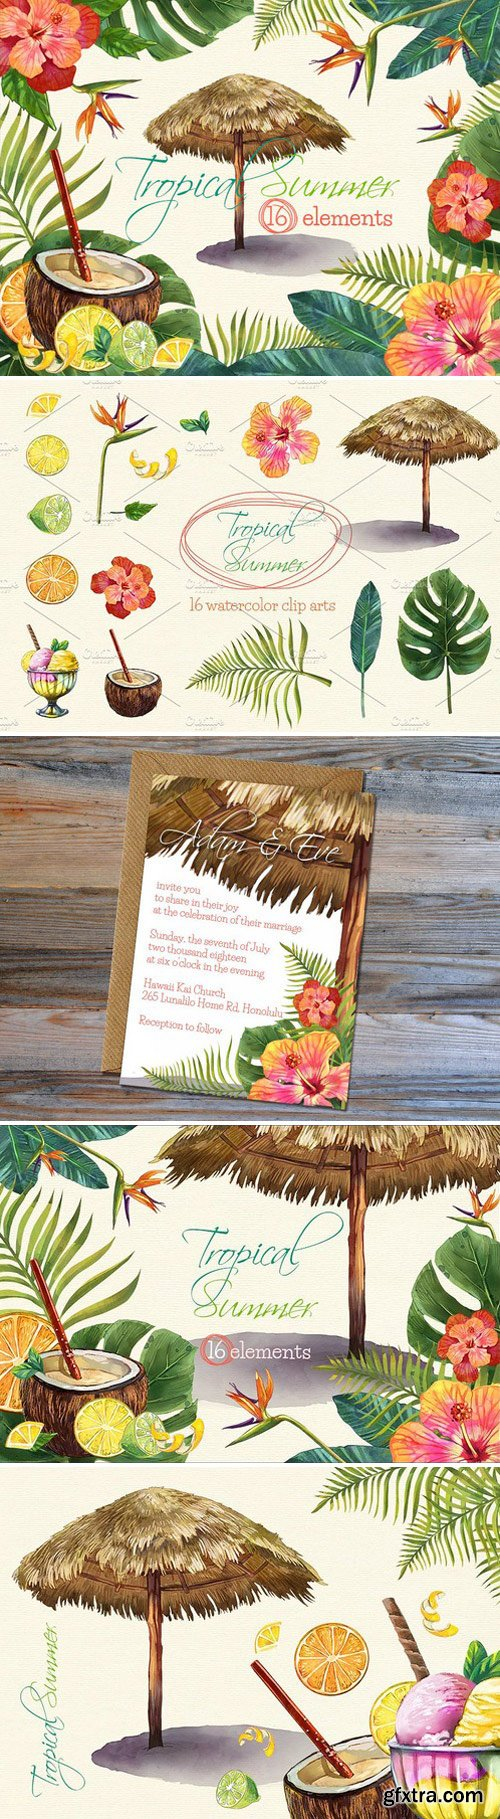 CM - Tropical Summer Watercolor Clip Arts 1588322